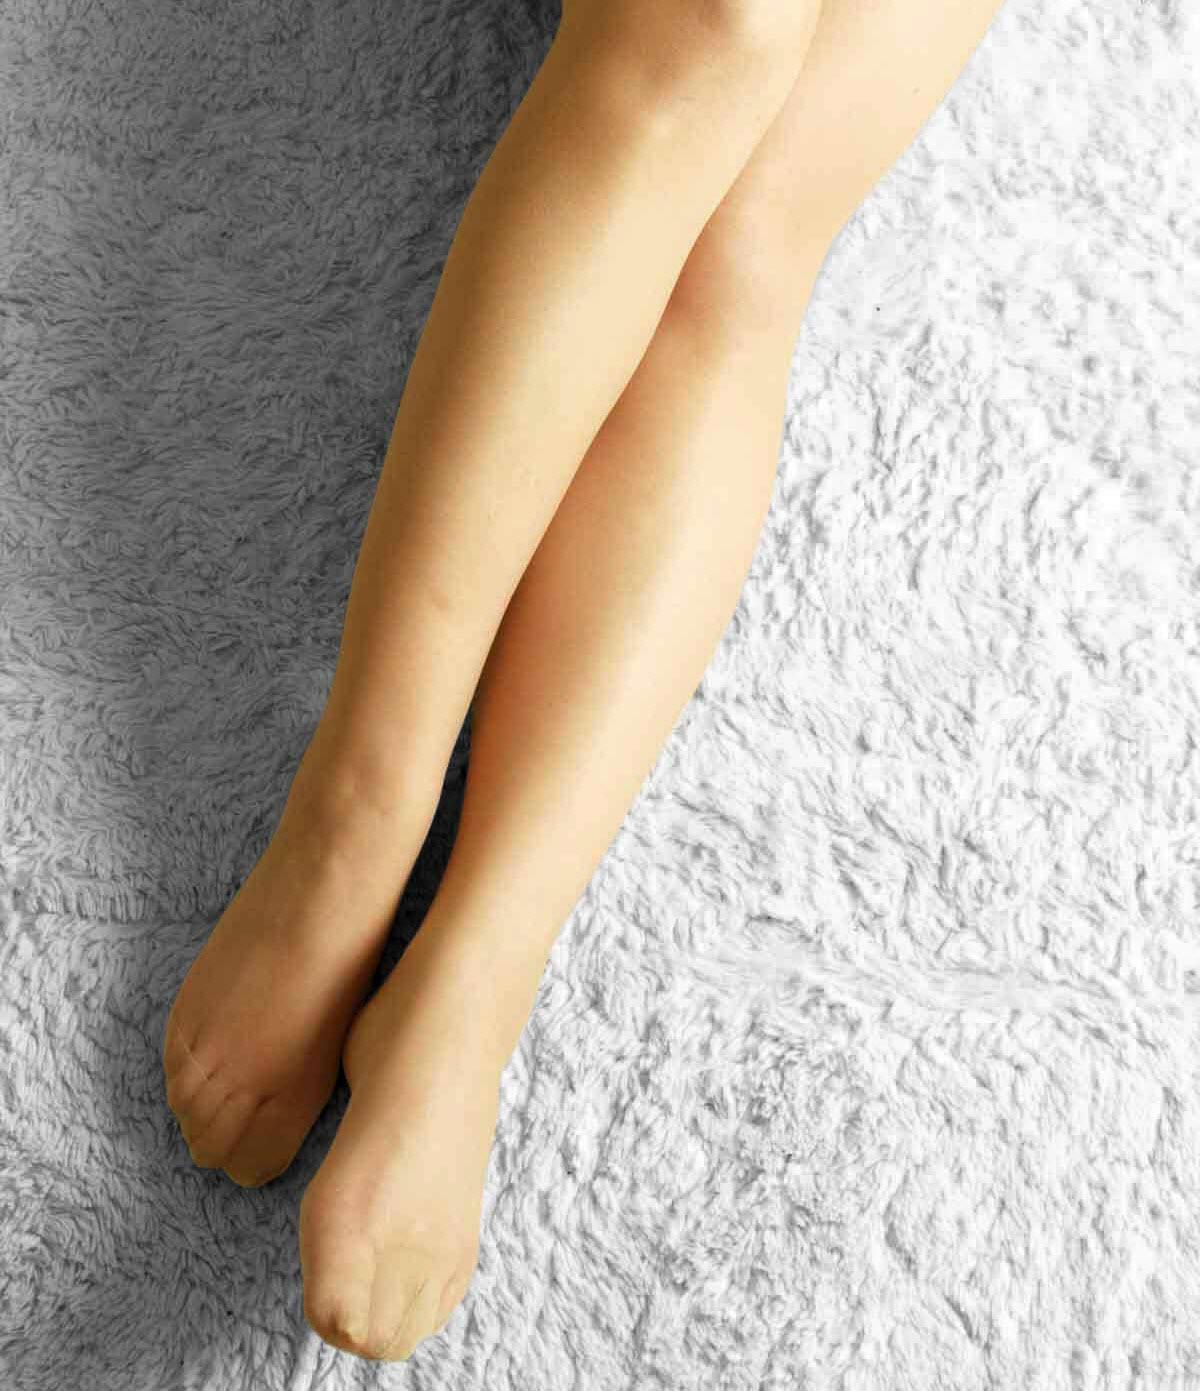 美脚OLのソファに同化するベージュパンストつま先エロ画像11枚目